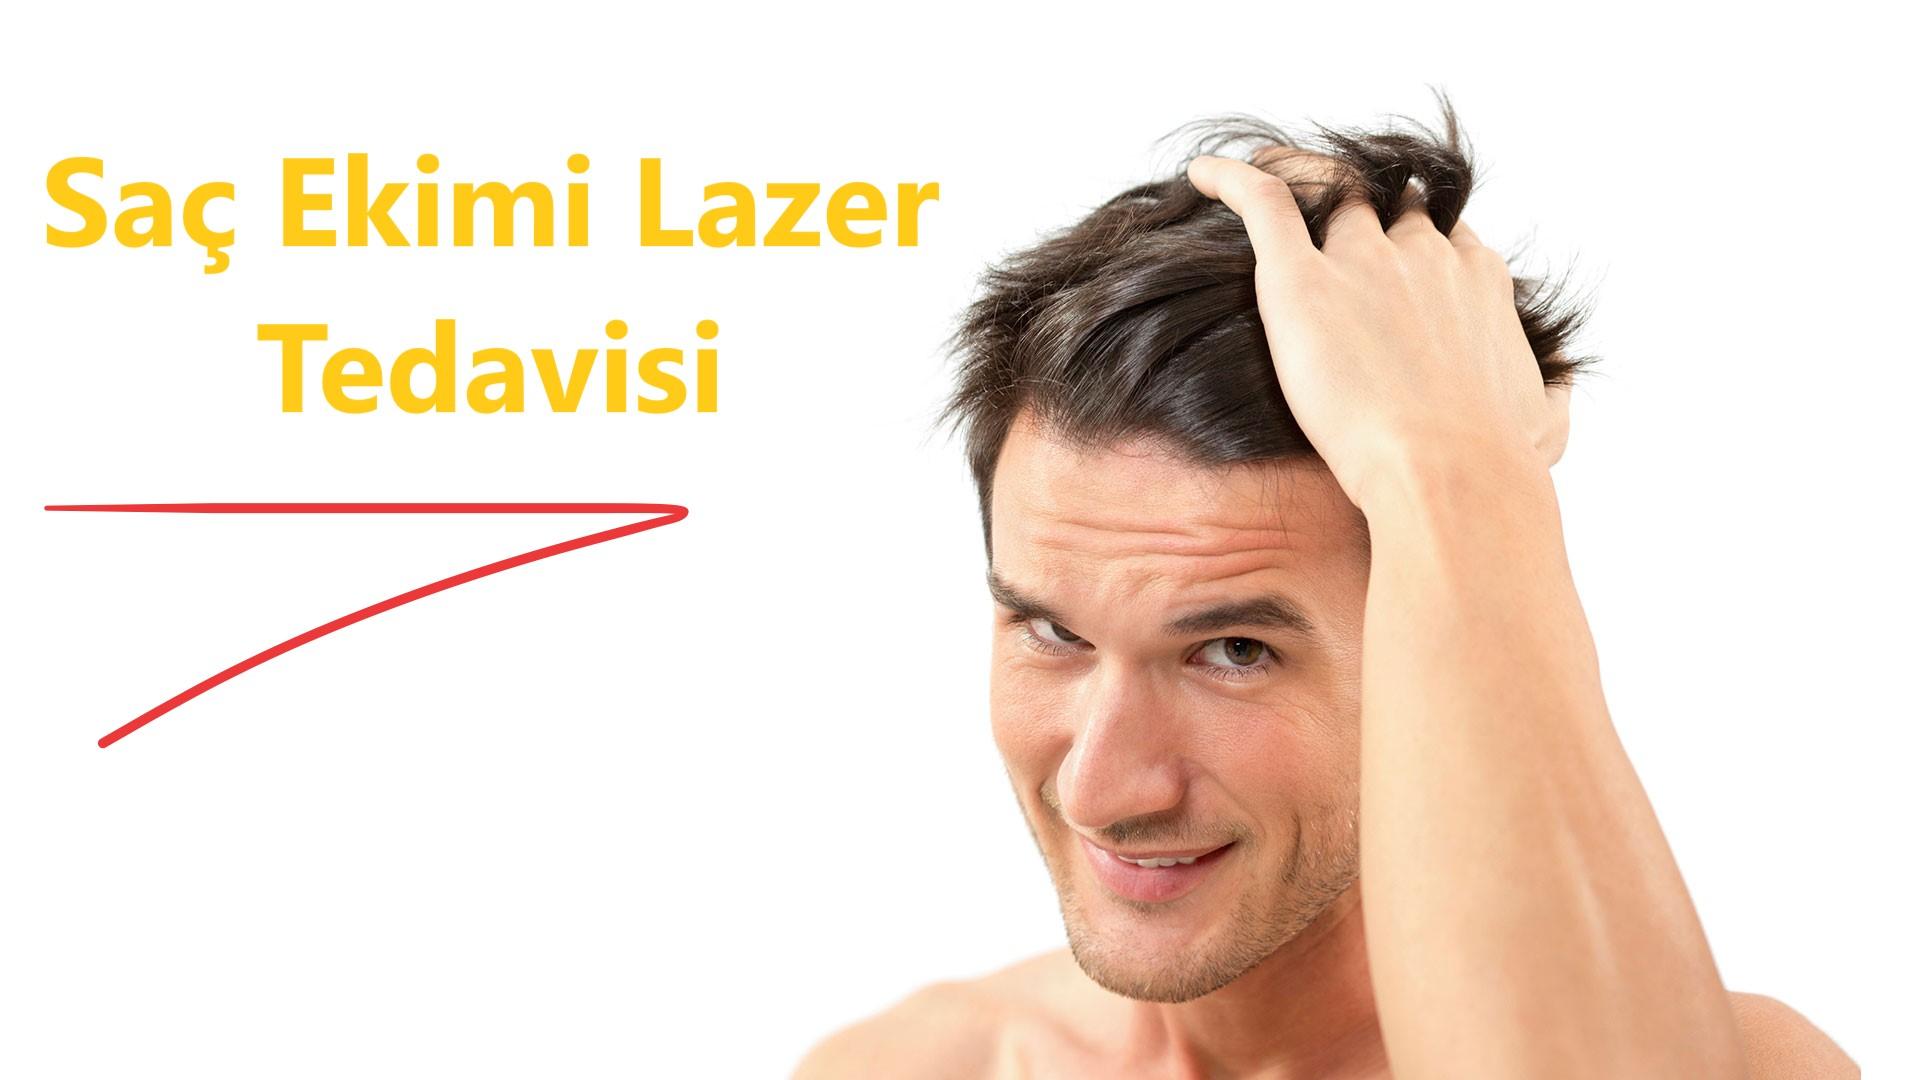 Saç Ekimi Lazer Tedavisi